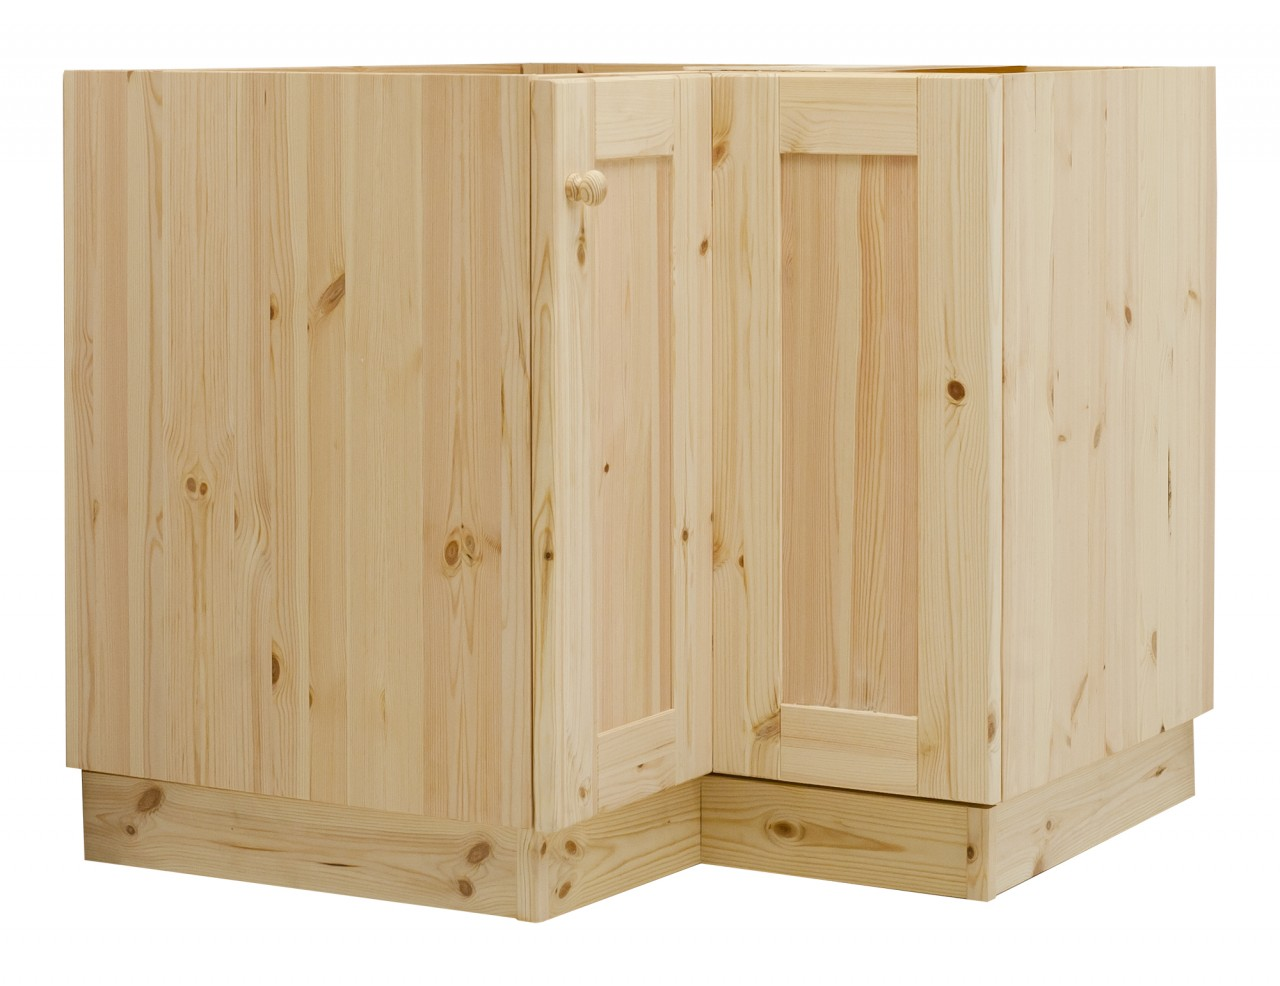 Base cucina anta treviso base angolo lavello arredamenti rustici - Base per lavello cucina ...